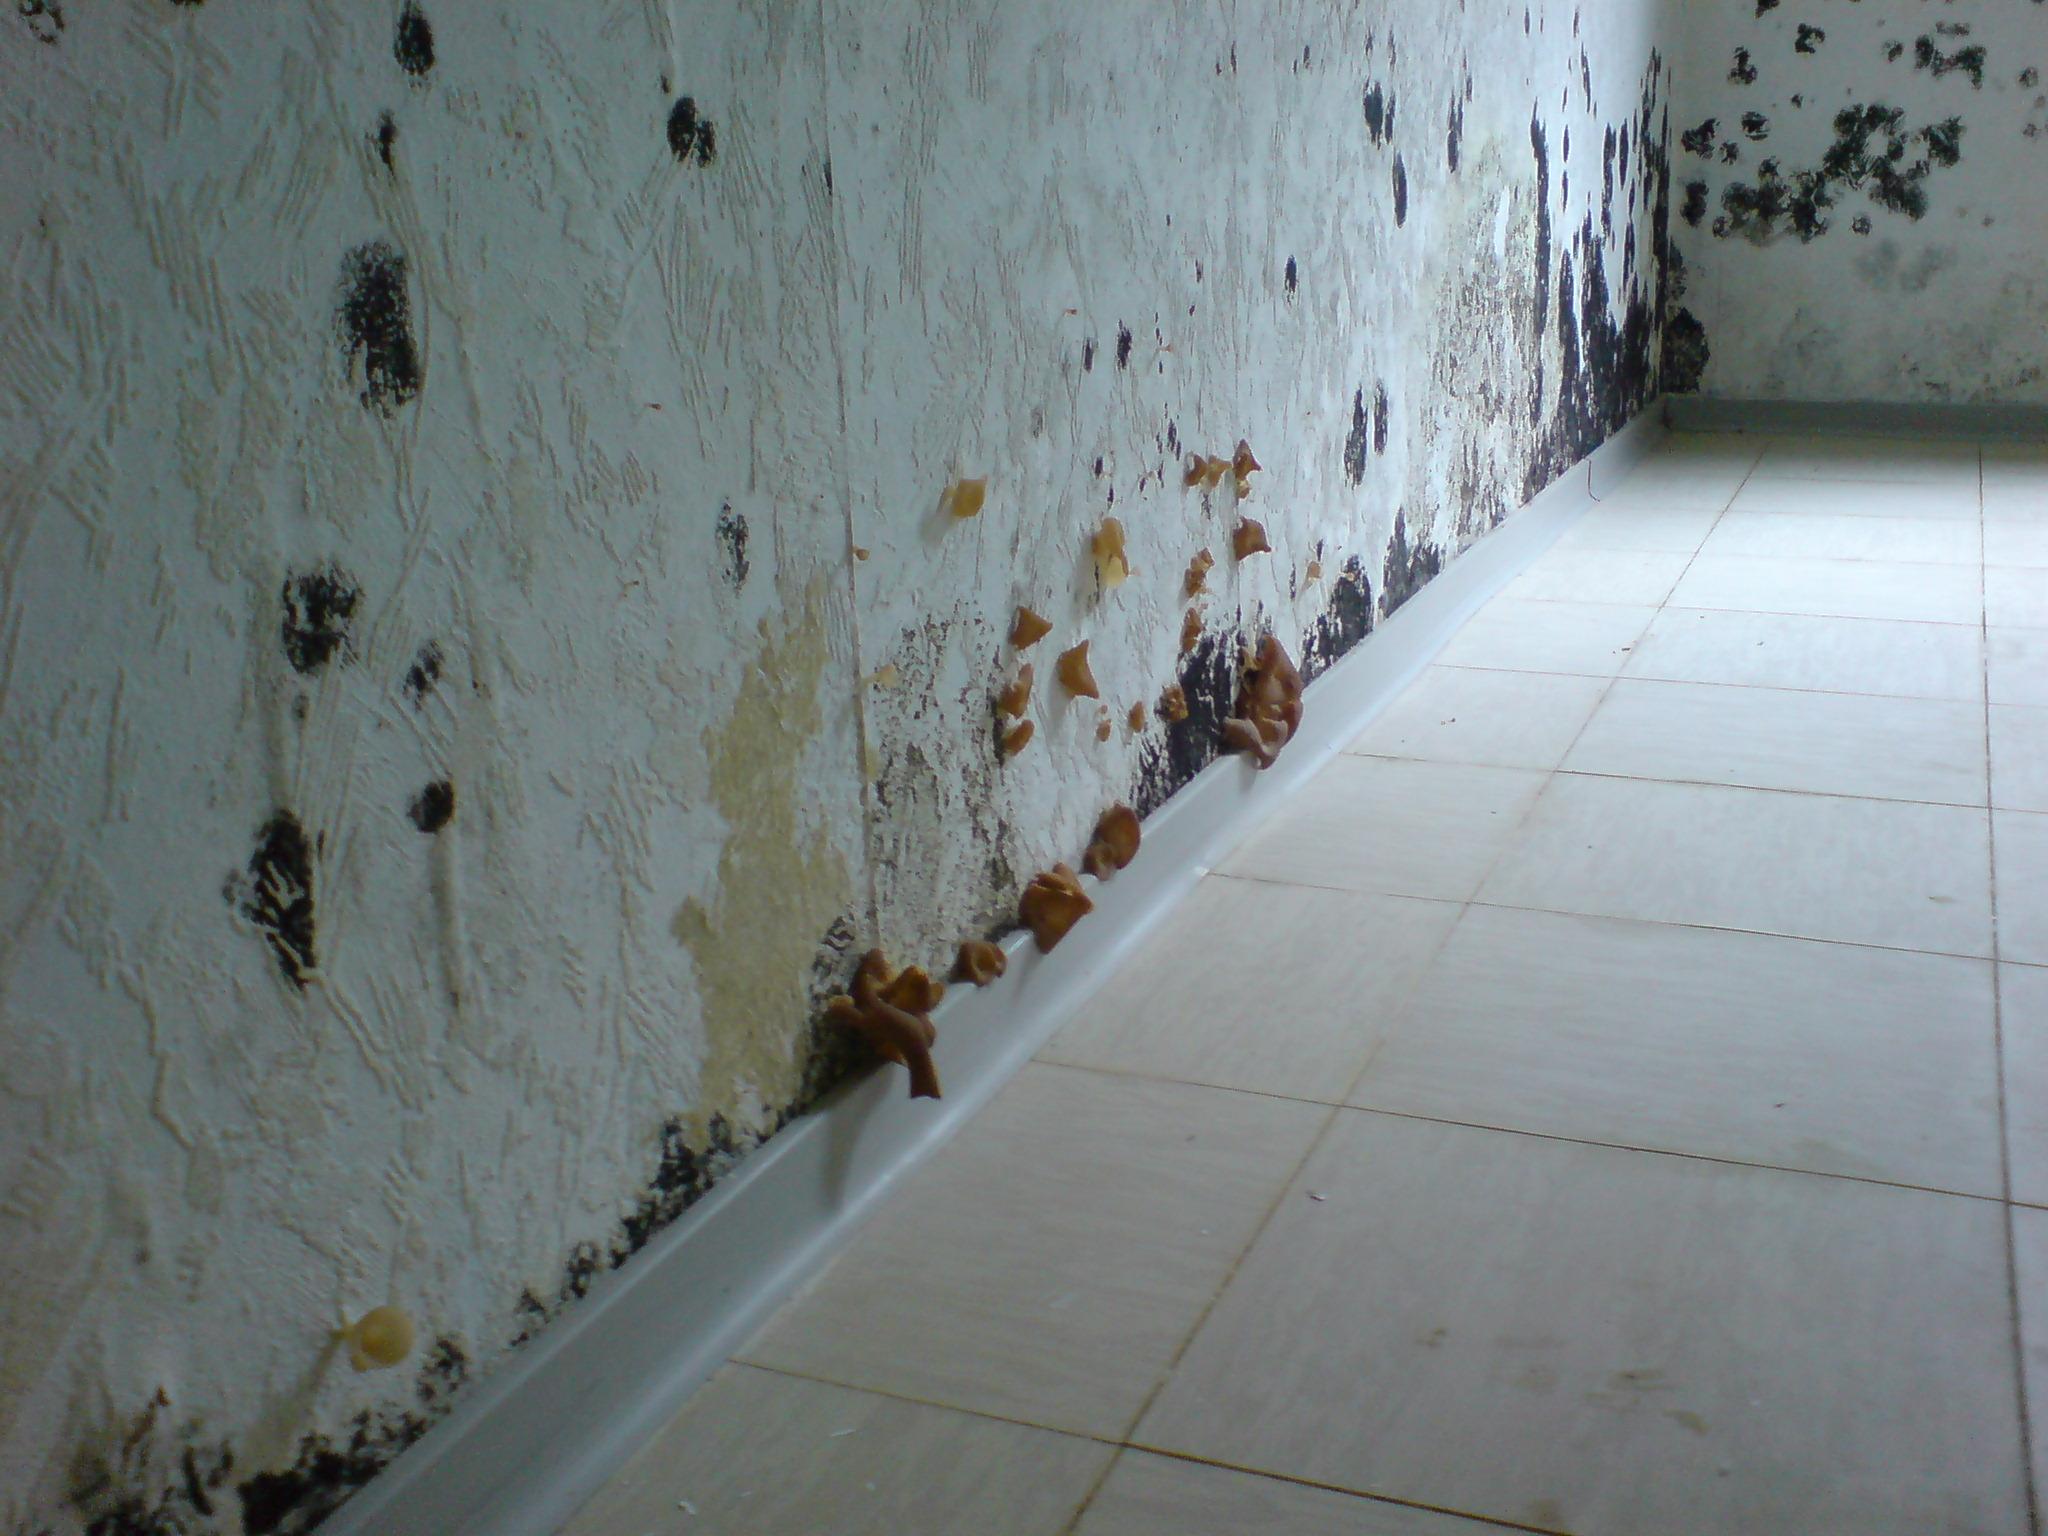 Pilze an Wand 1